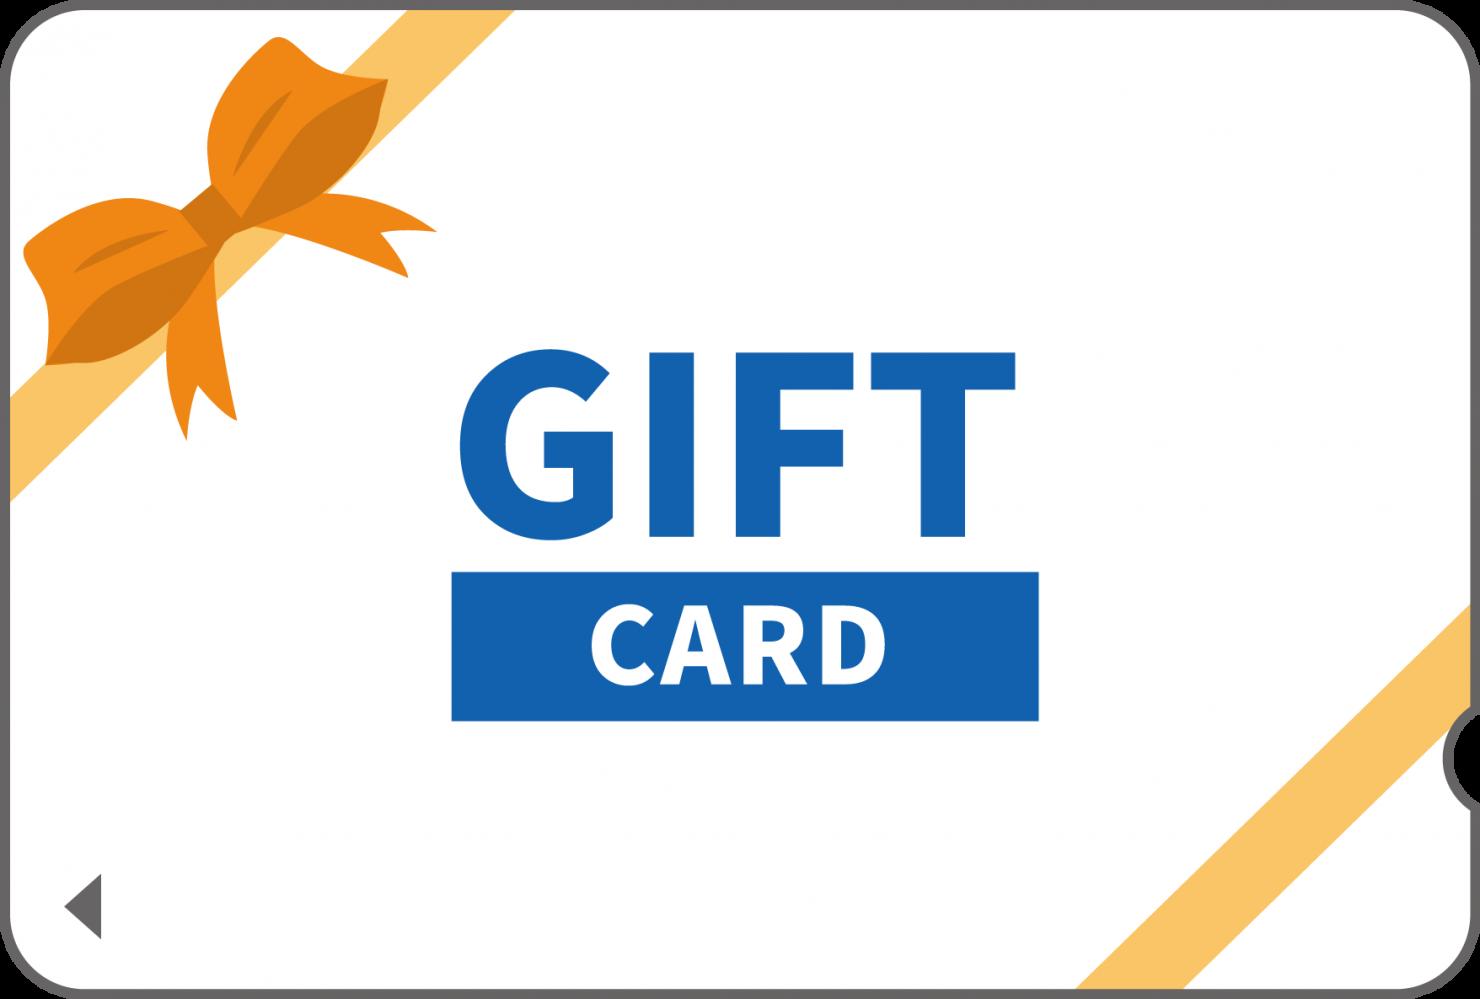 Shopifyのギフトカードを利用してユーザーロイヤリティを高めよう。